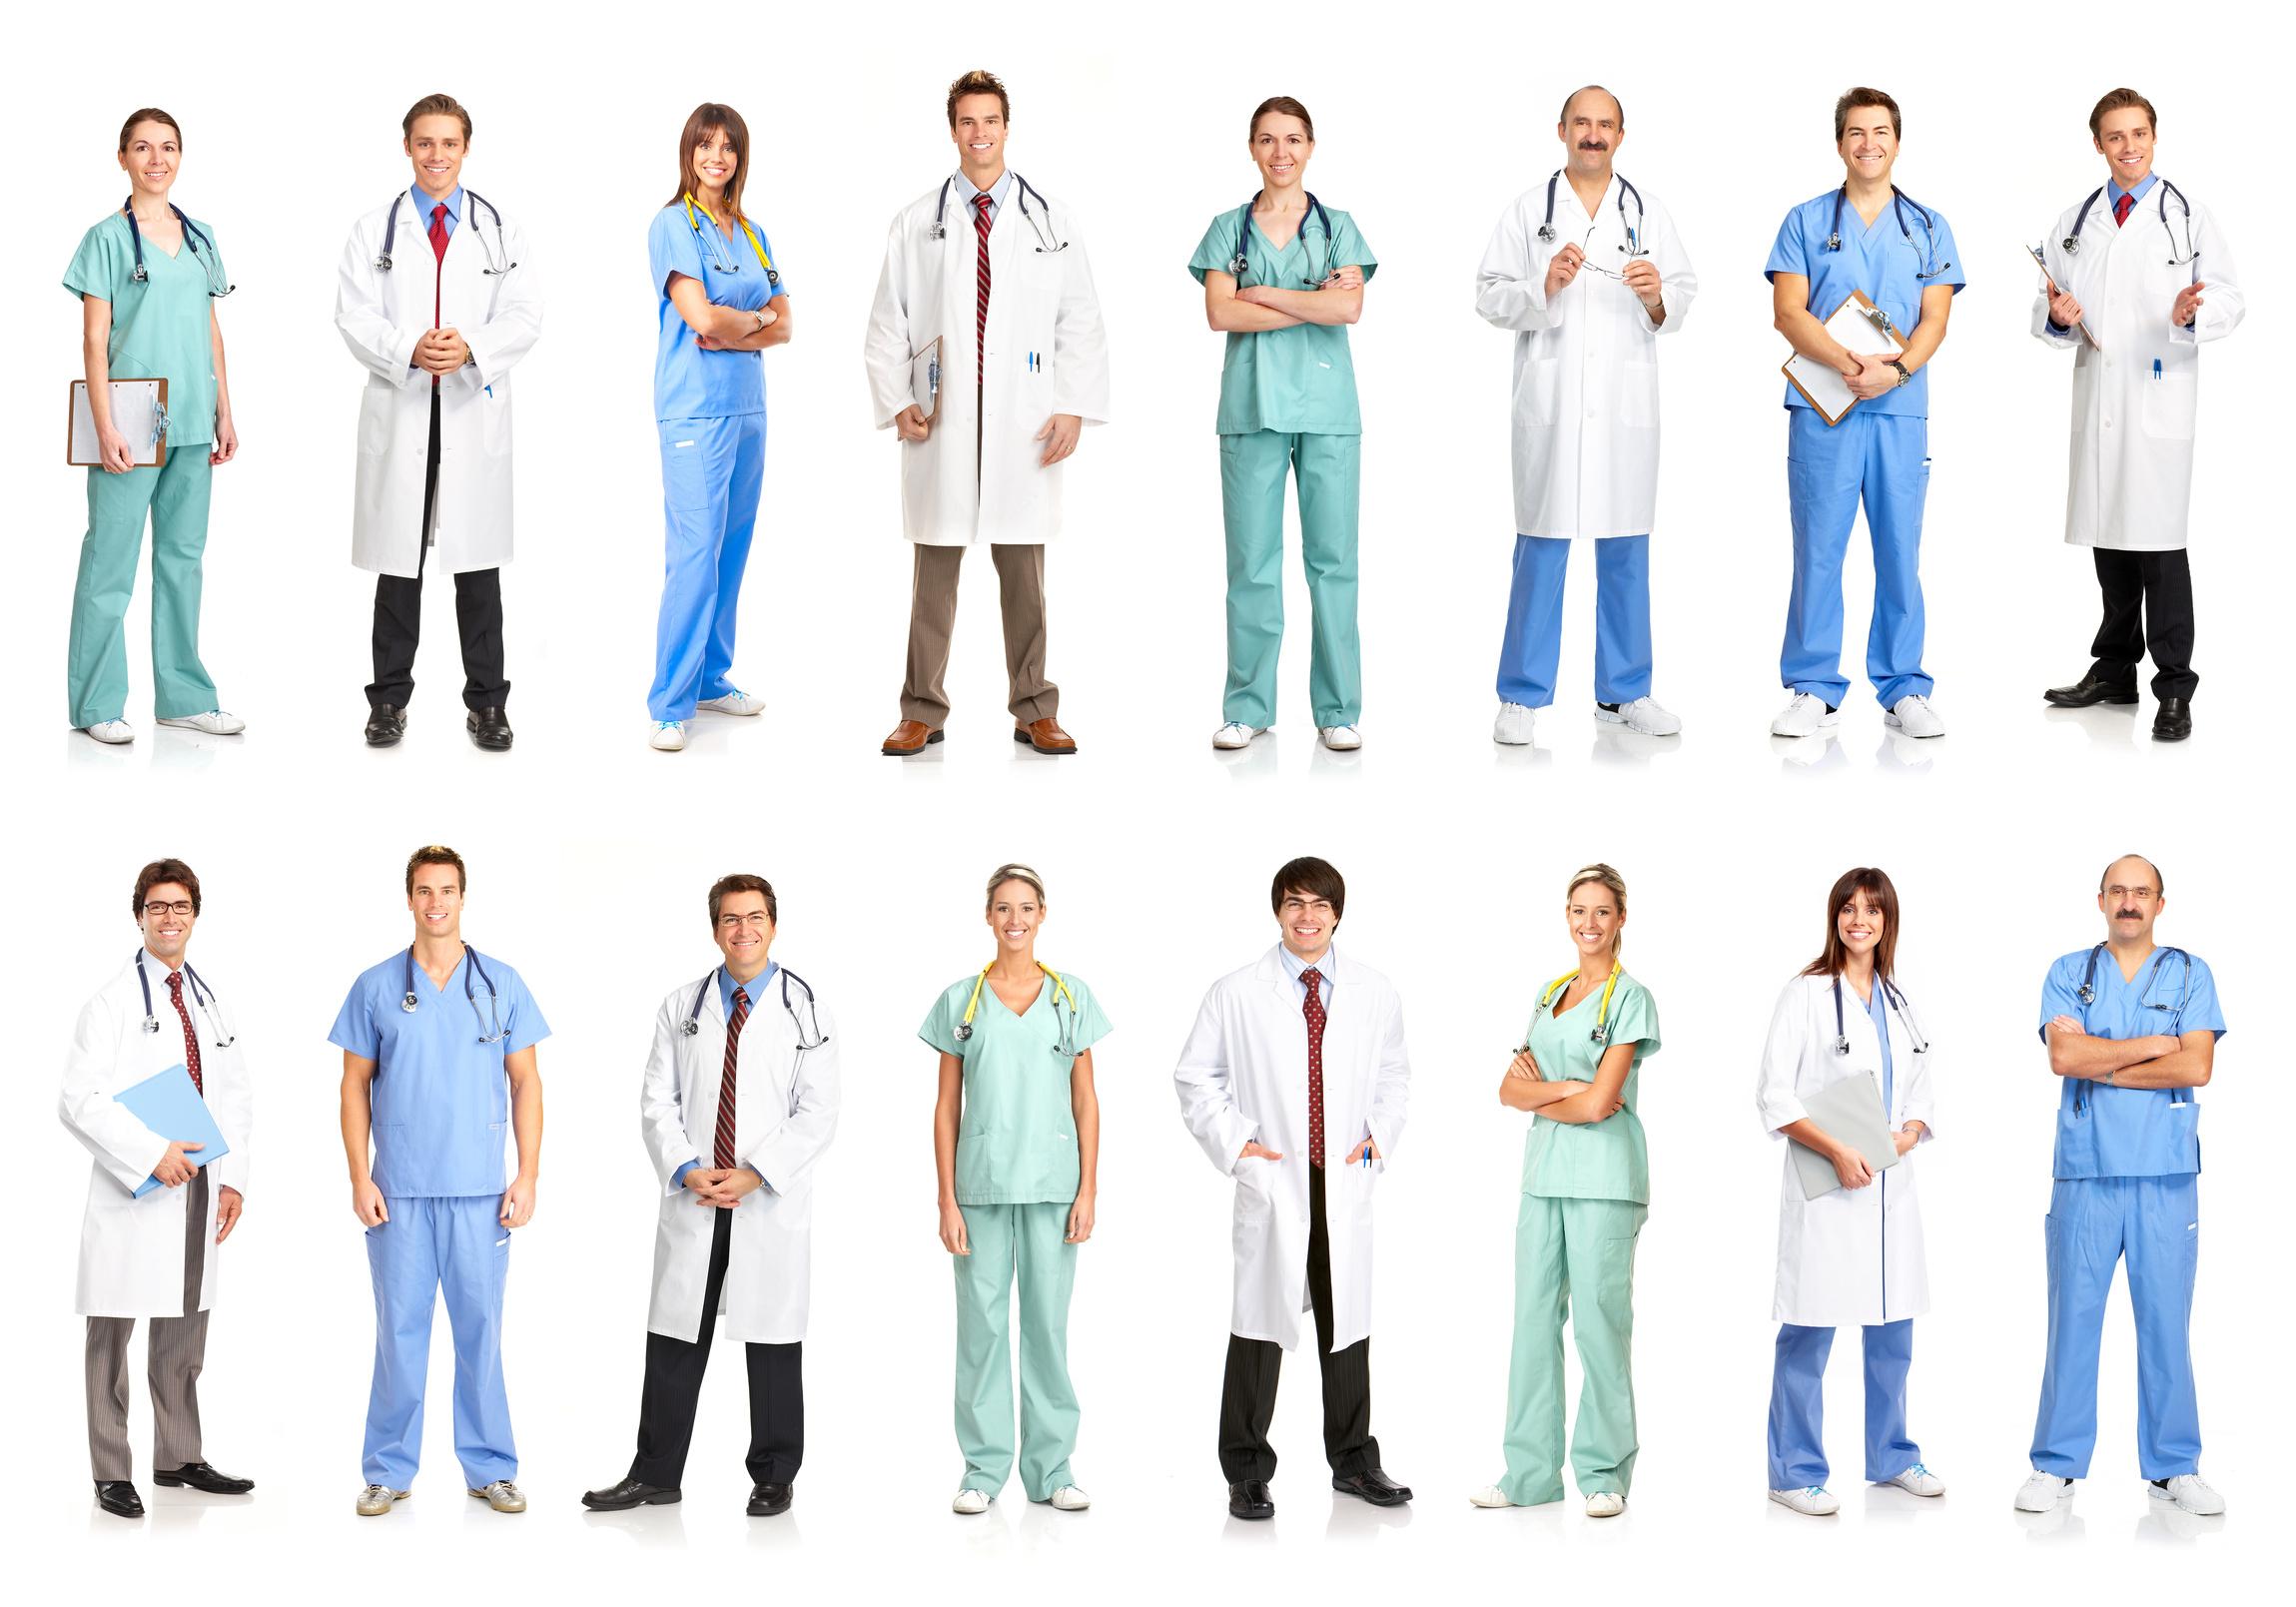 Quel rôle joue le fournisseur de matériel médical dans la qualité de vos soins ?